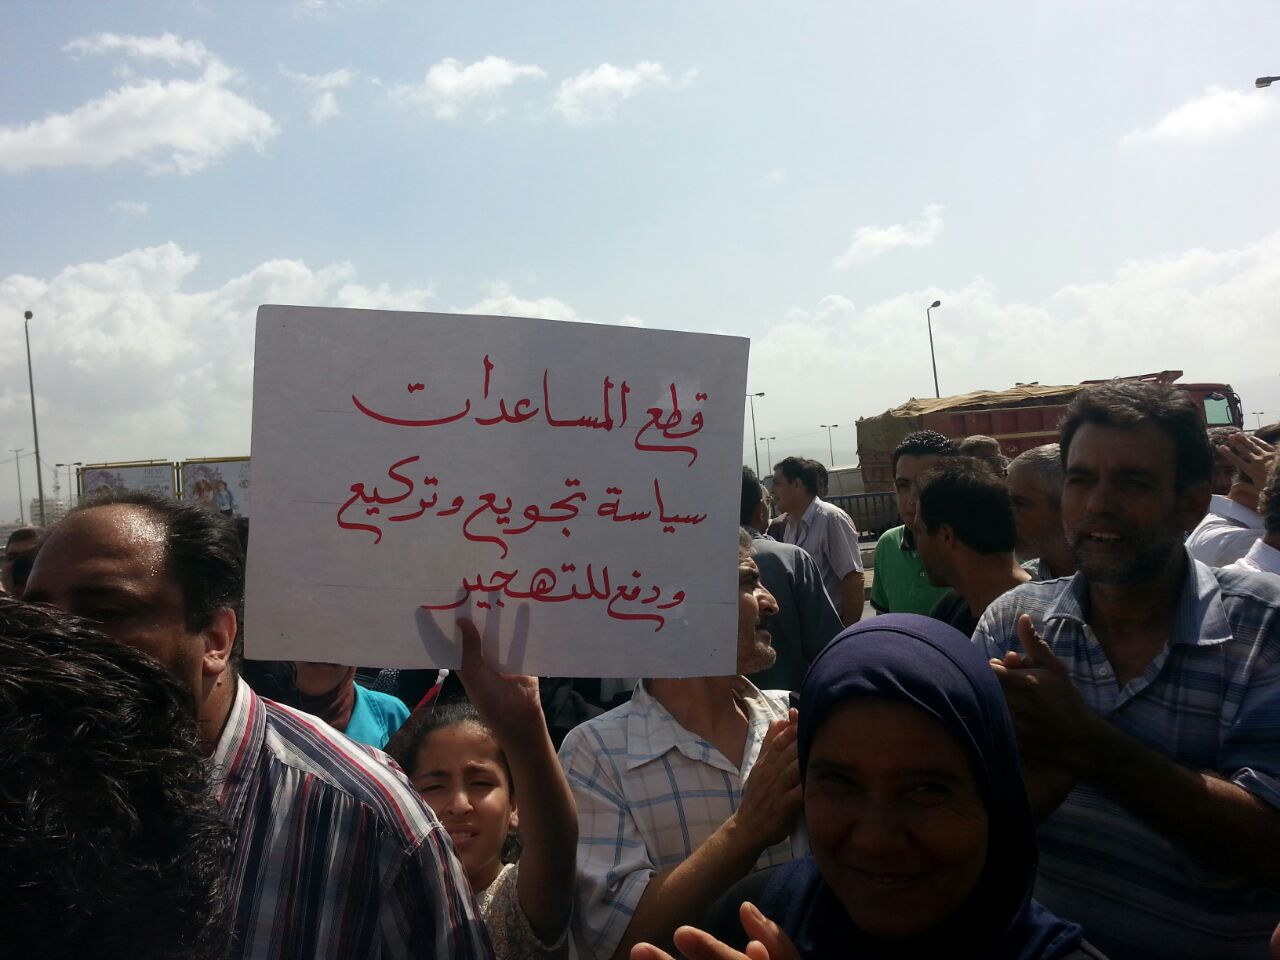 صورة الأونروا تقتطع جزء من مخصصات اللاجئين في لبنان